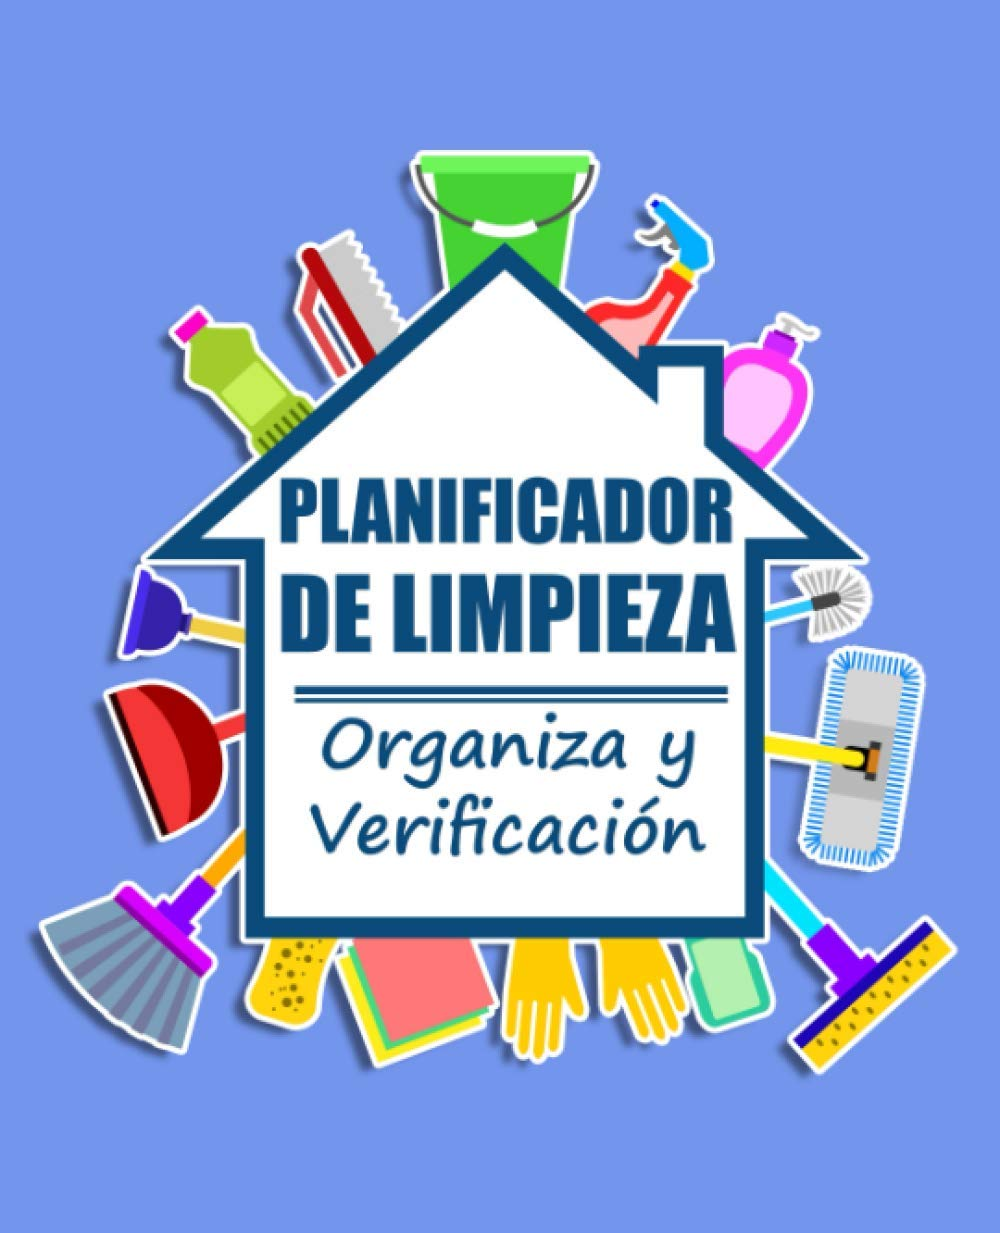 Planificador de Limpieza Organiza y